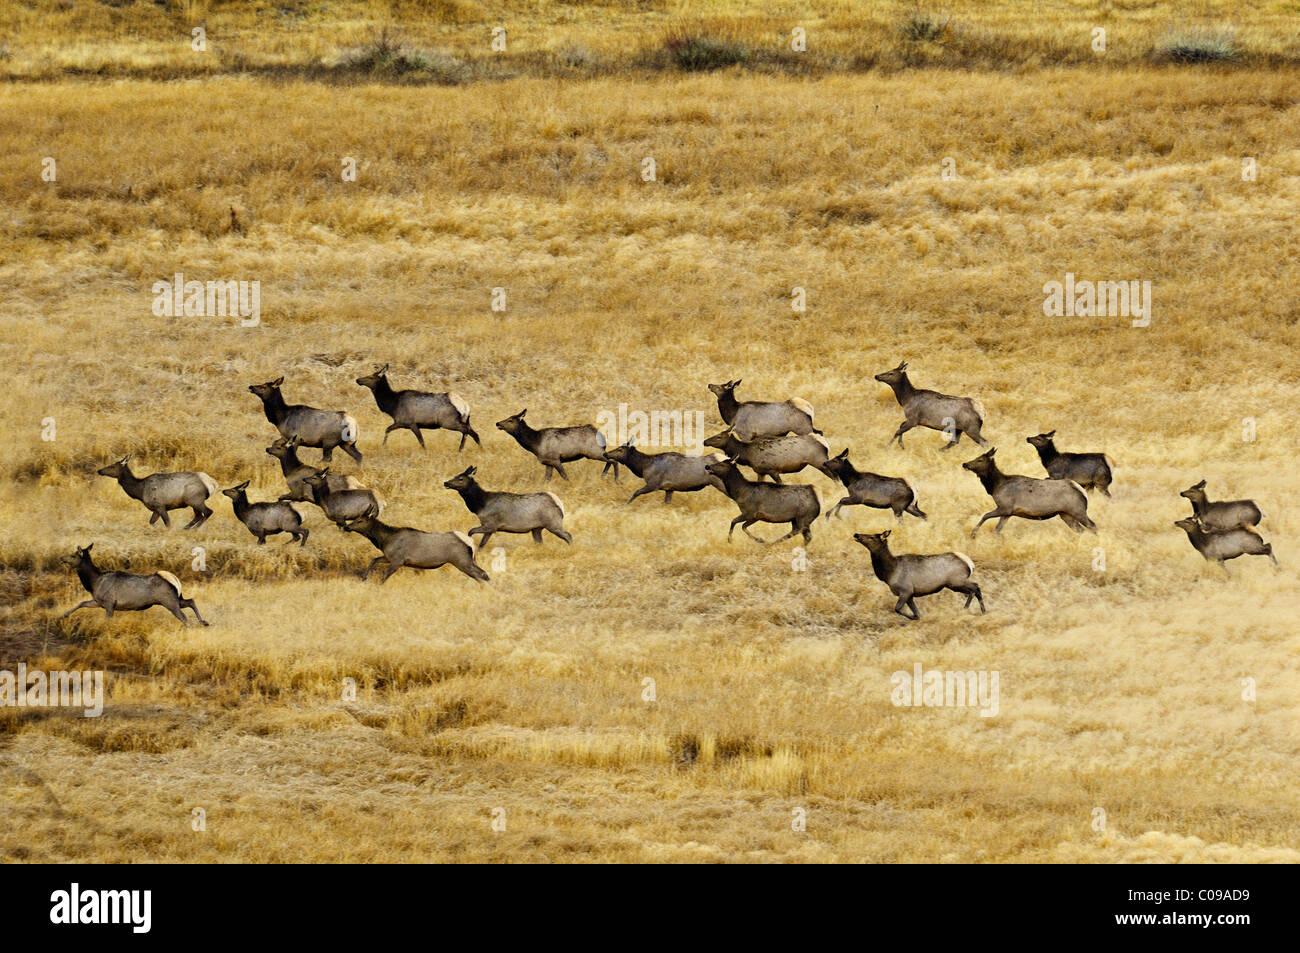 Elk Running Hard in a golden meadow. - Stock Image